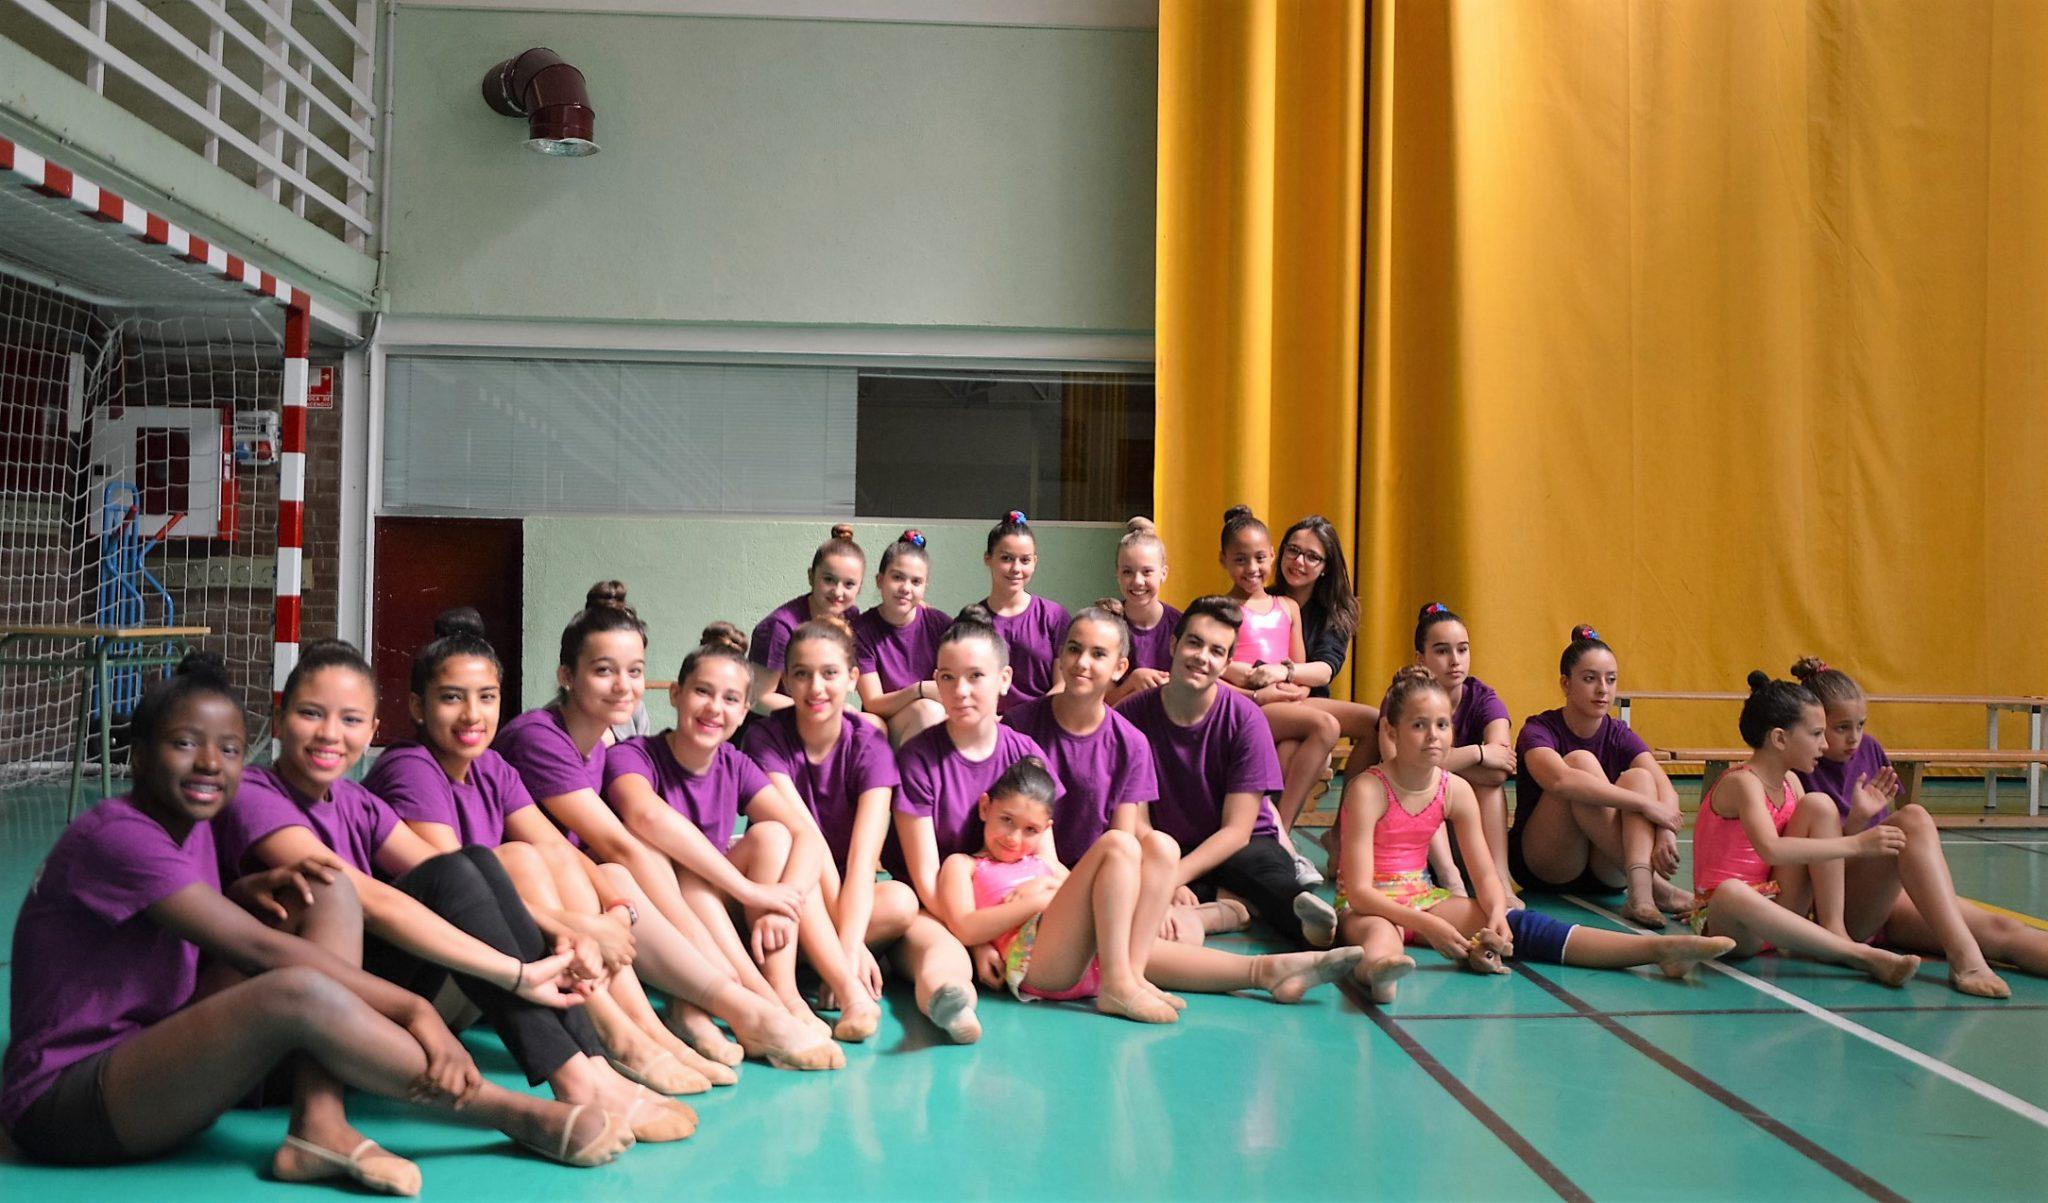 El club de gimnasia r tmica de galapagar despide el curso for Club gimnasio